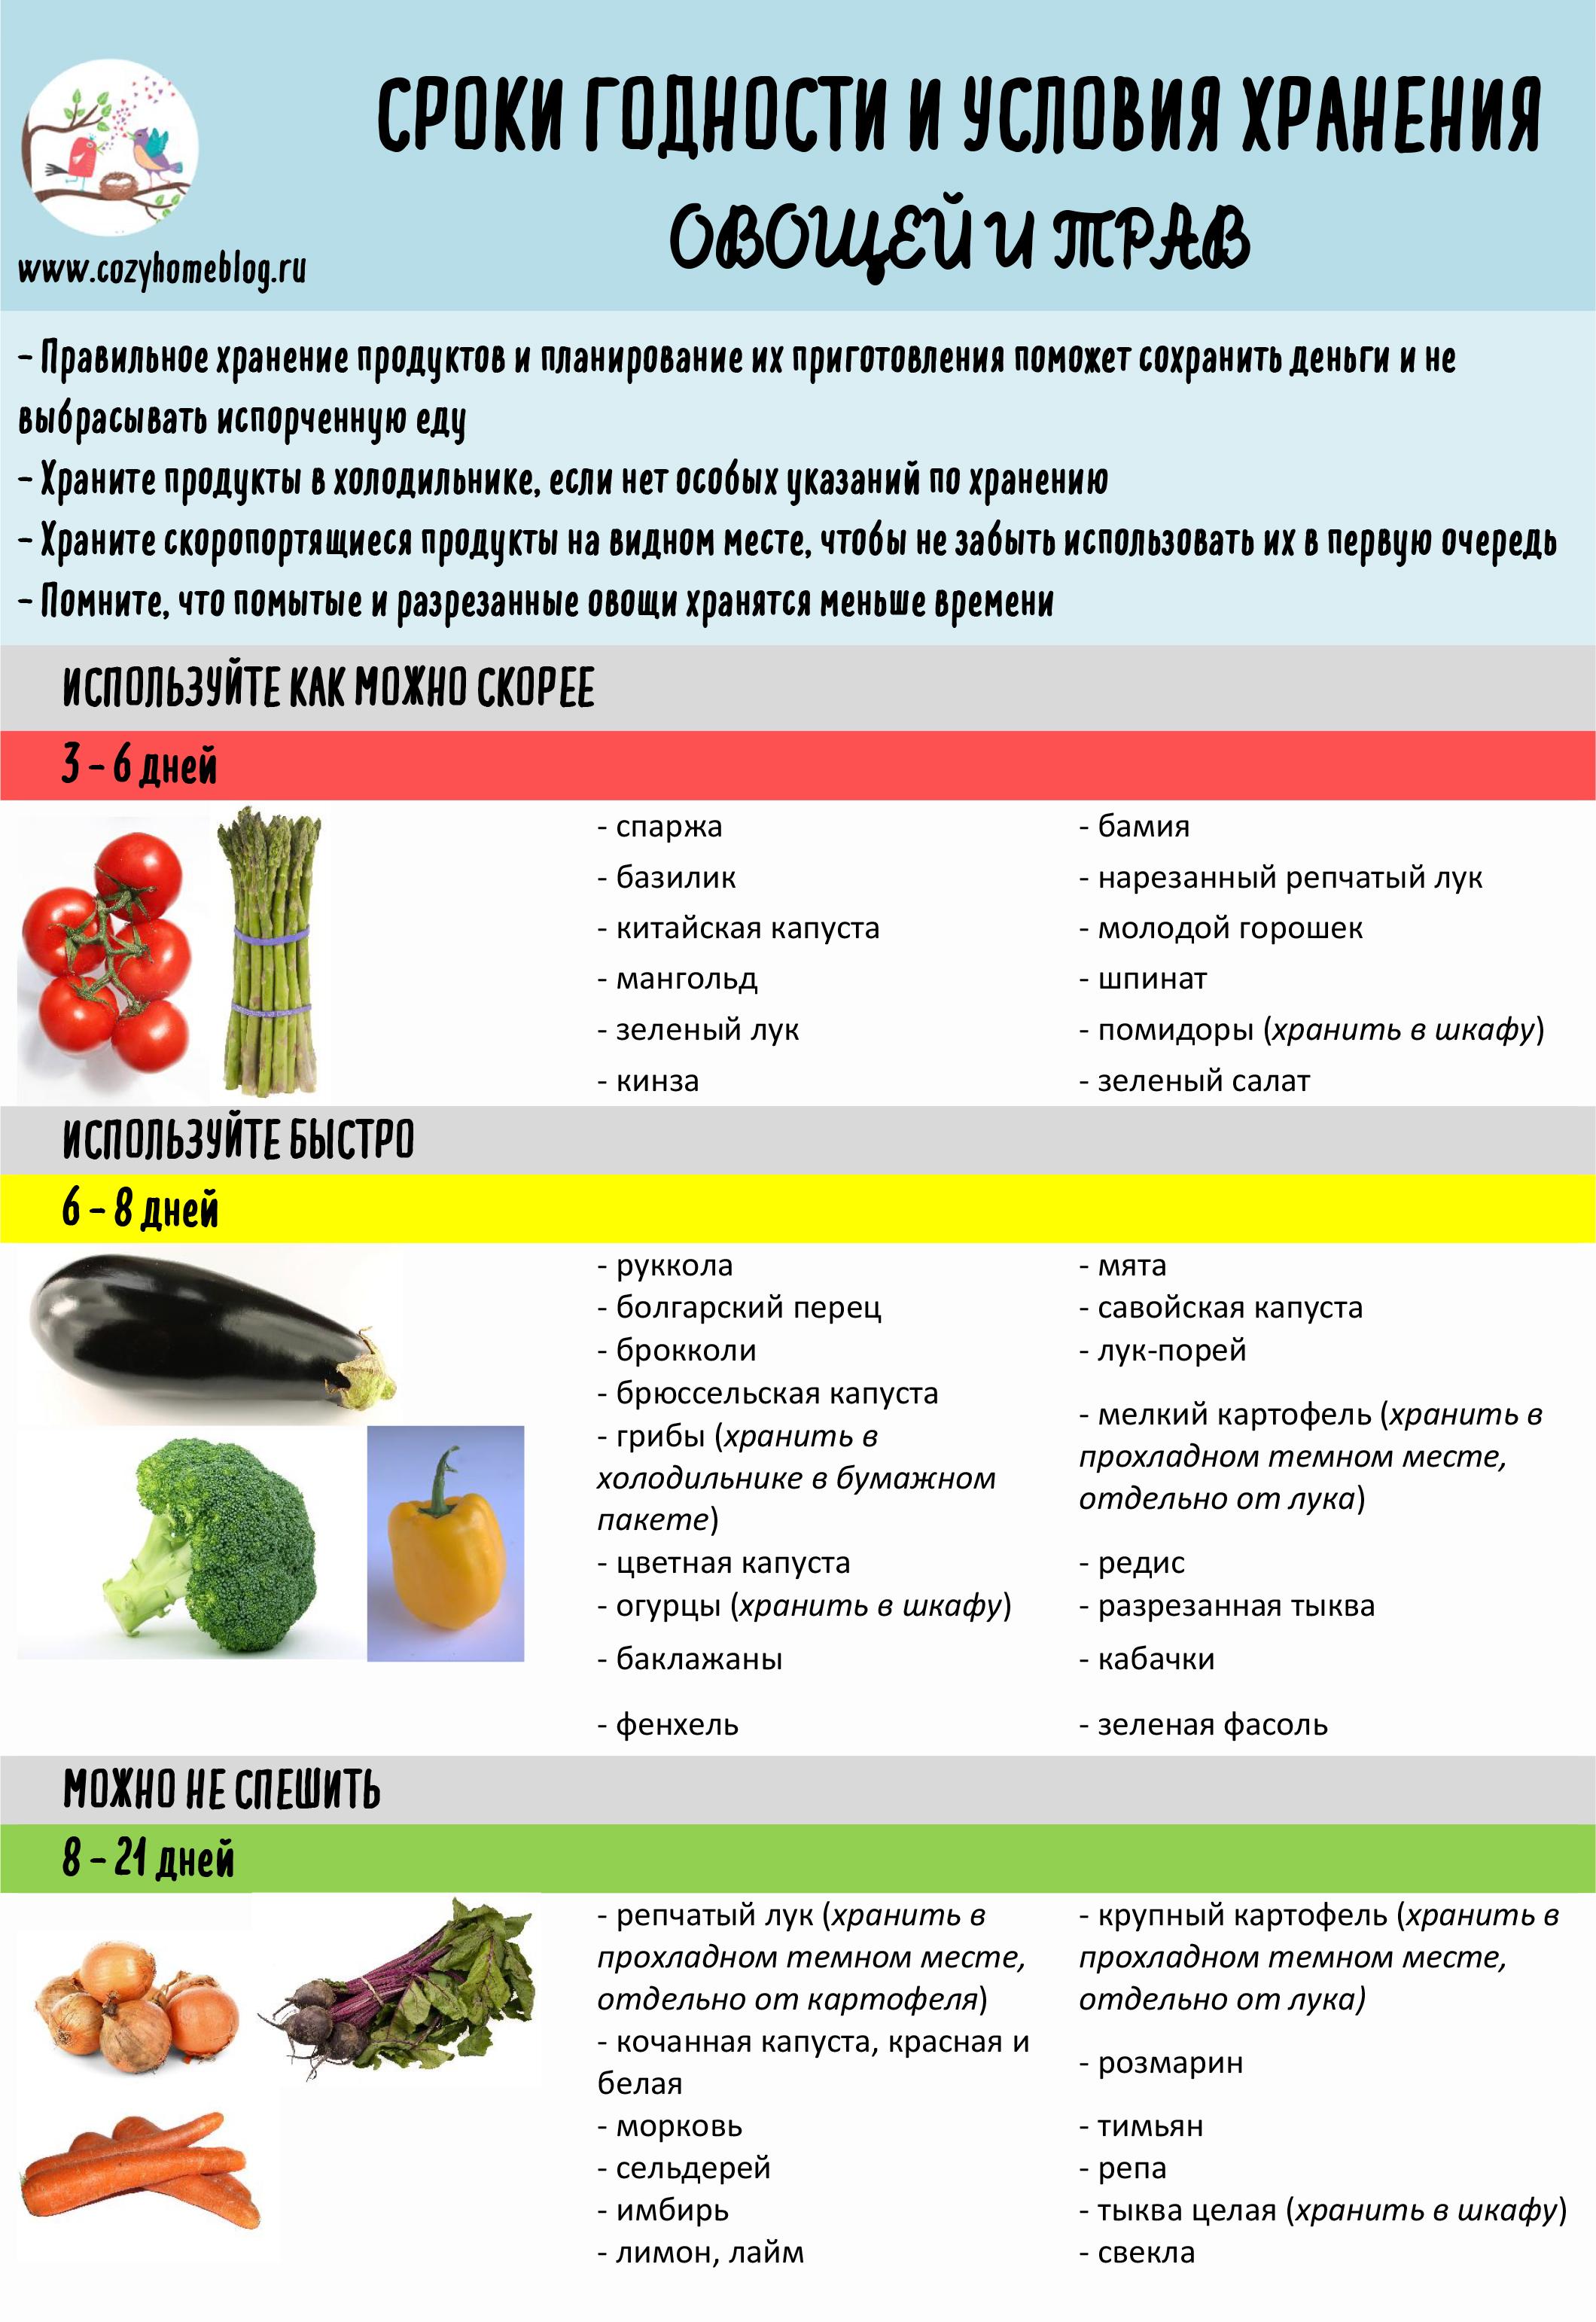 Как правильно и сколько времени хранить овощи